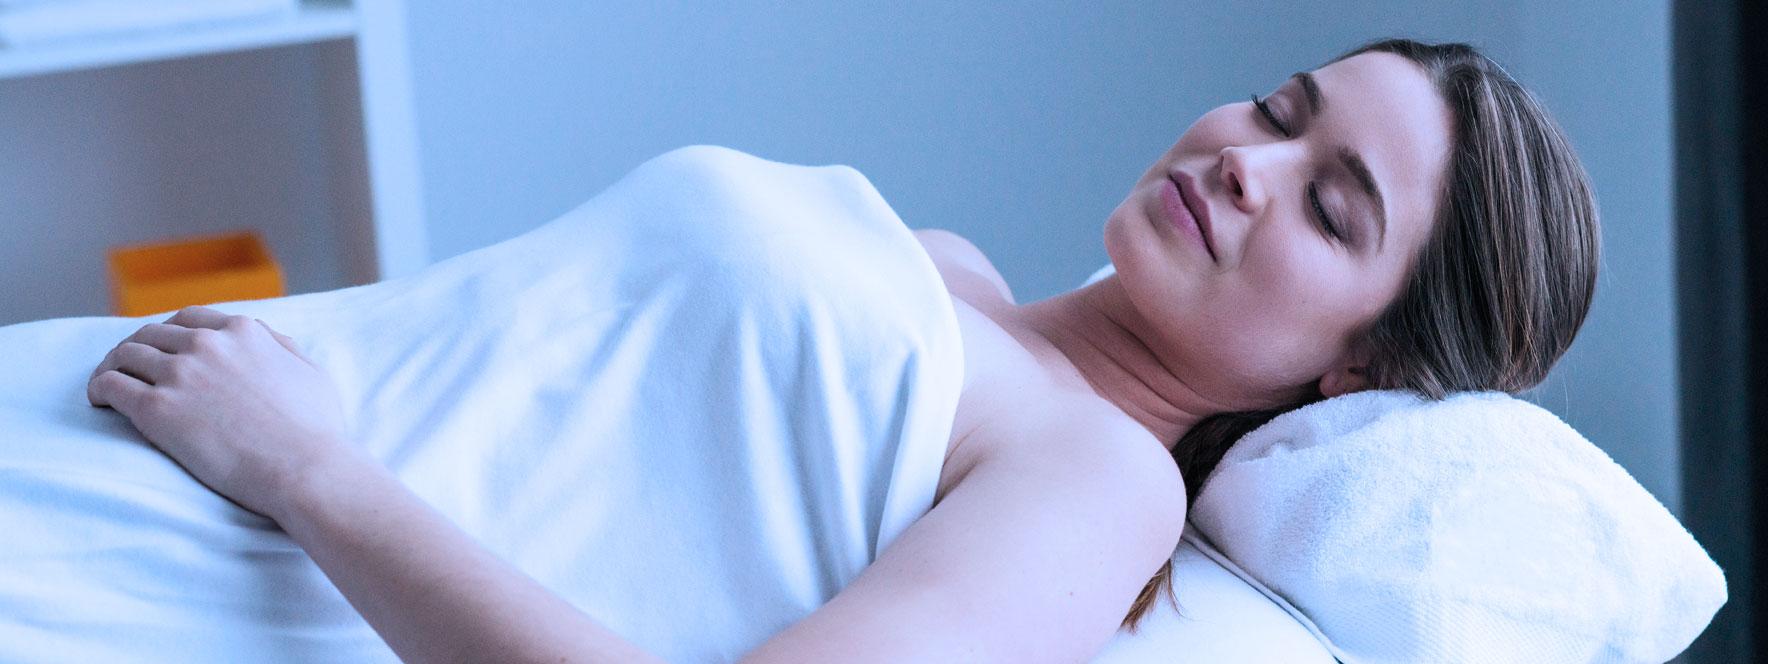 Mais quels sont les effets du massage sur notre corps et notre esprit? Blogue du Réseau